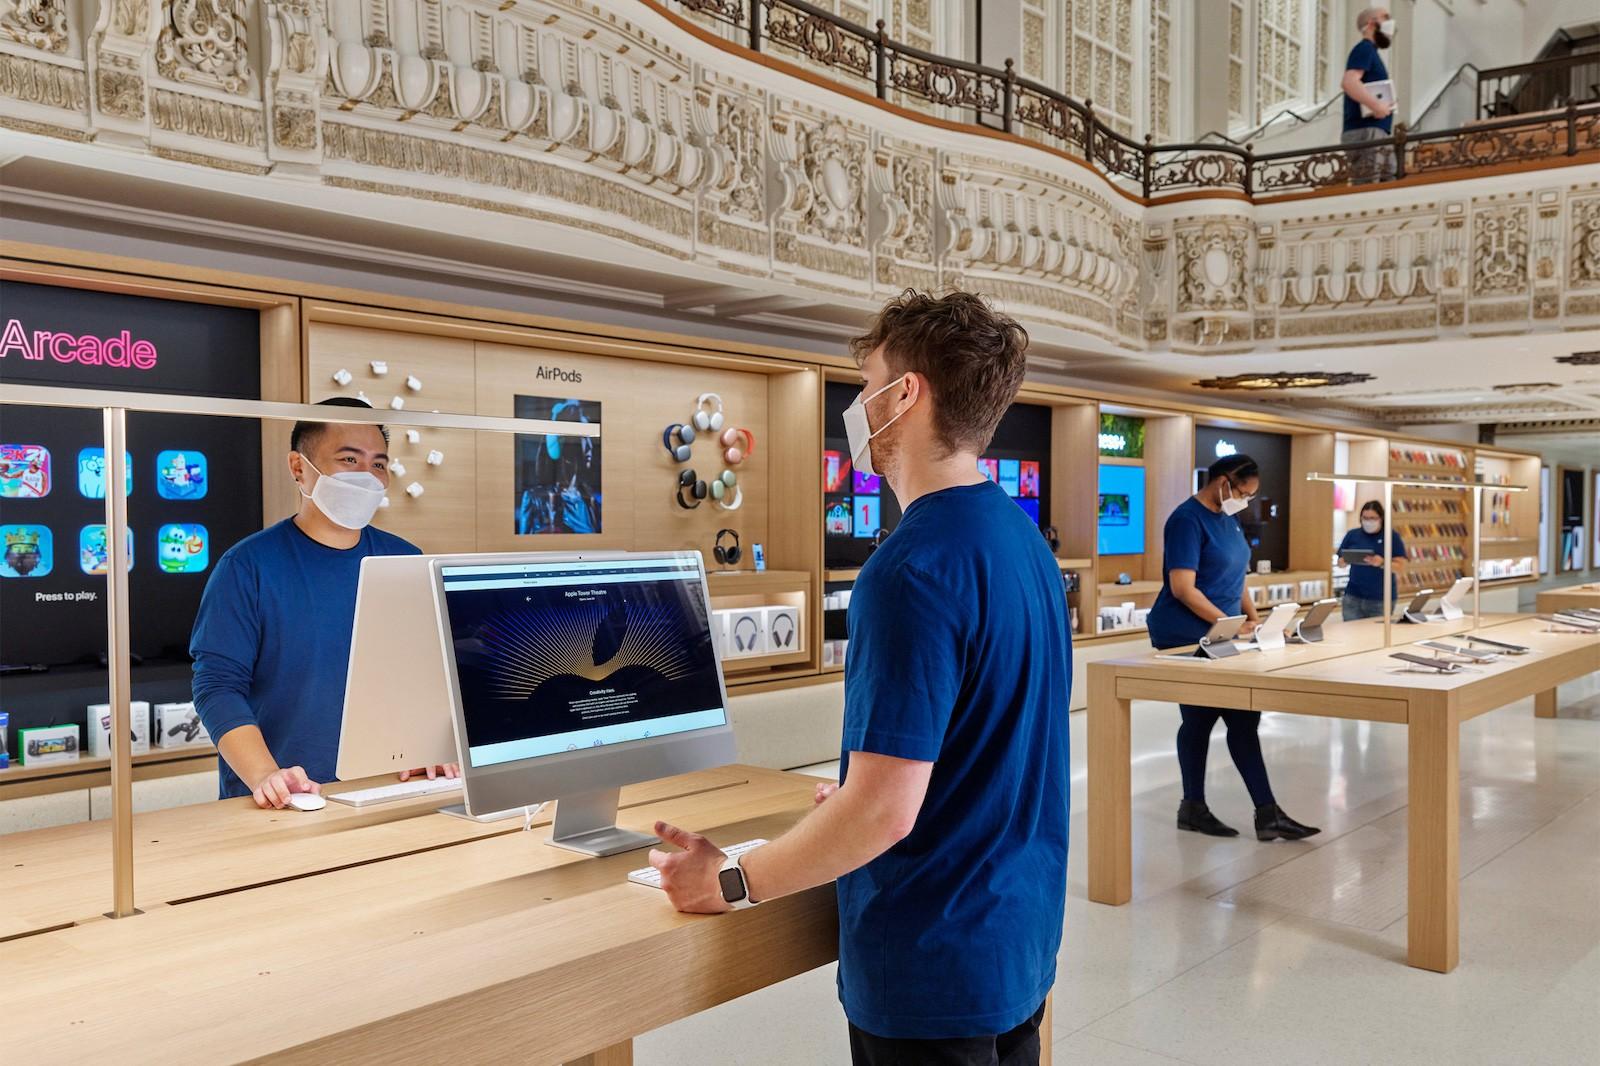 苹果零售主管:Apple Store 重新开业后运营方面不会有重大改变